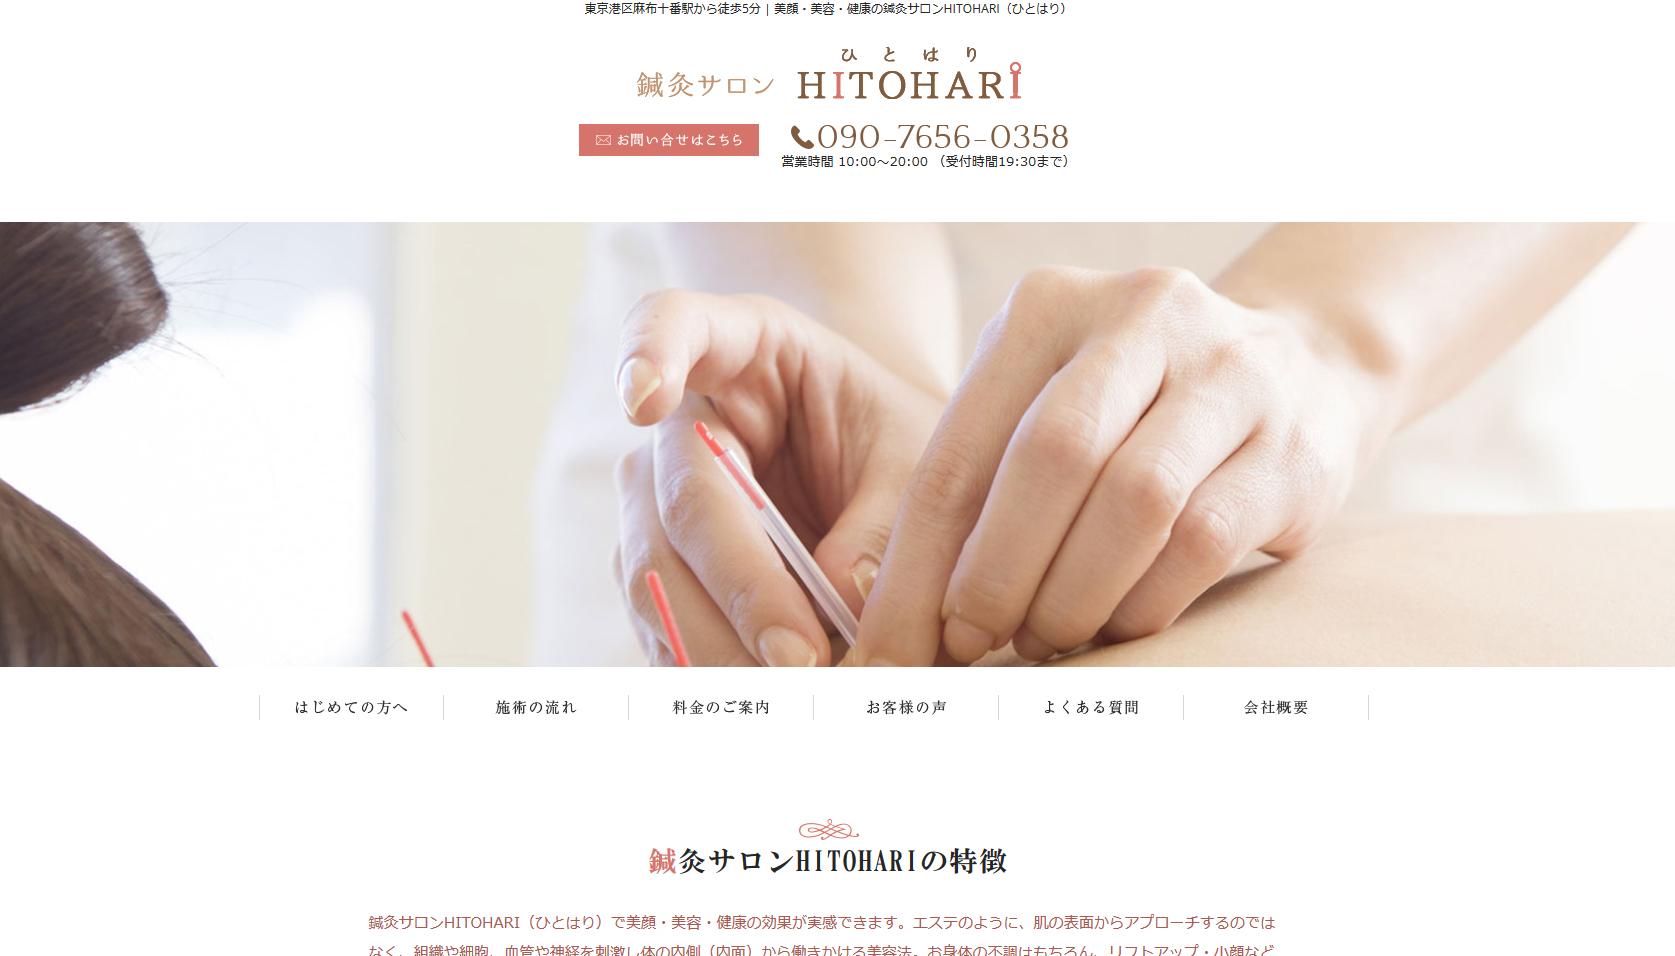 鍼灸サロンHITOHARI(ひとはり)